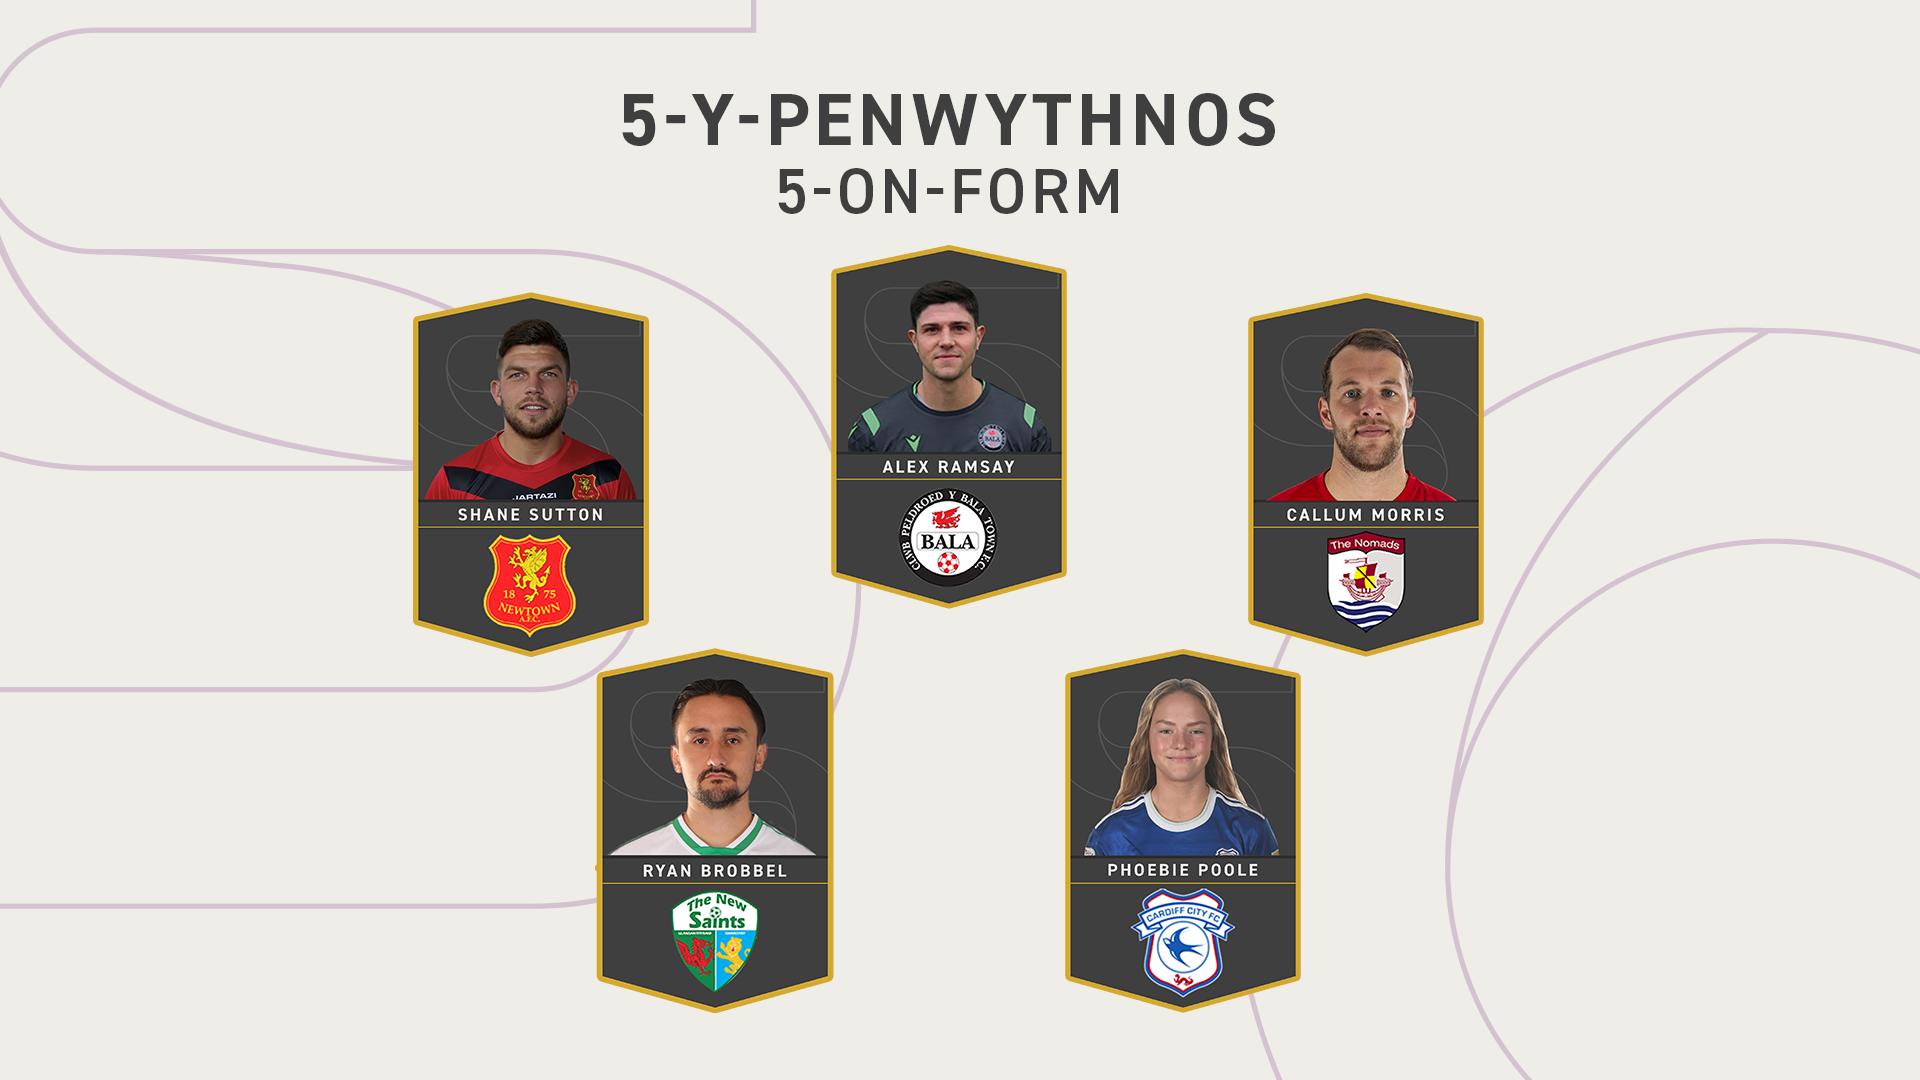 5-y-Penwythnos